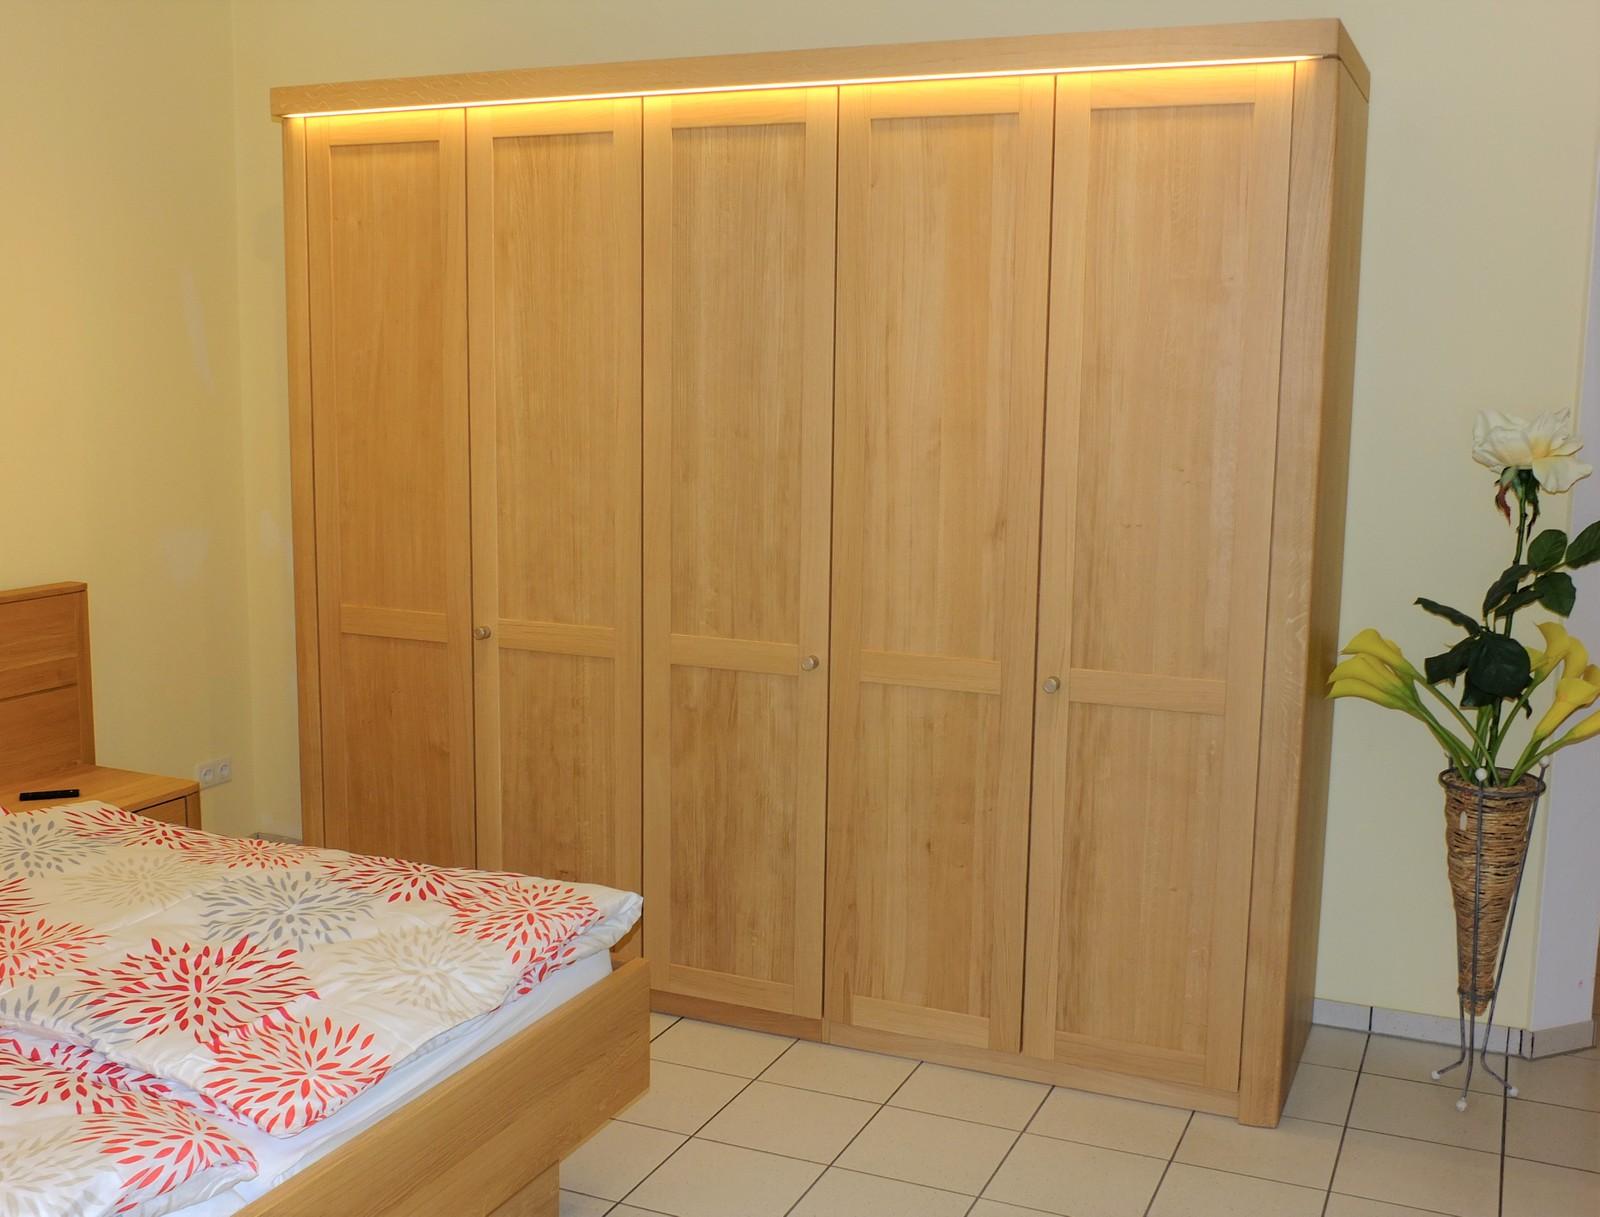 Full Size of Schlafzimmerschränke Wohnzimmer Schlafzimmerschränke